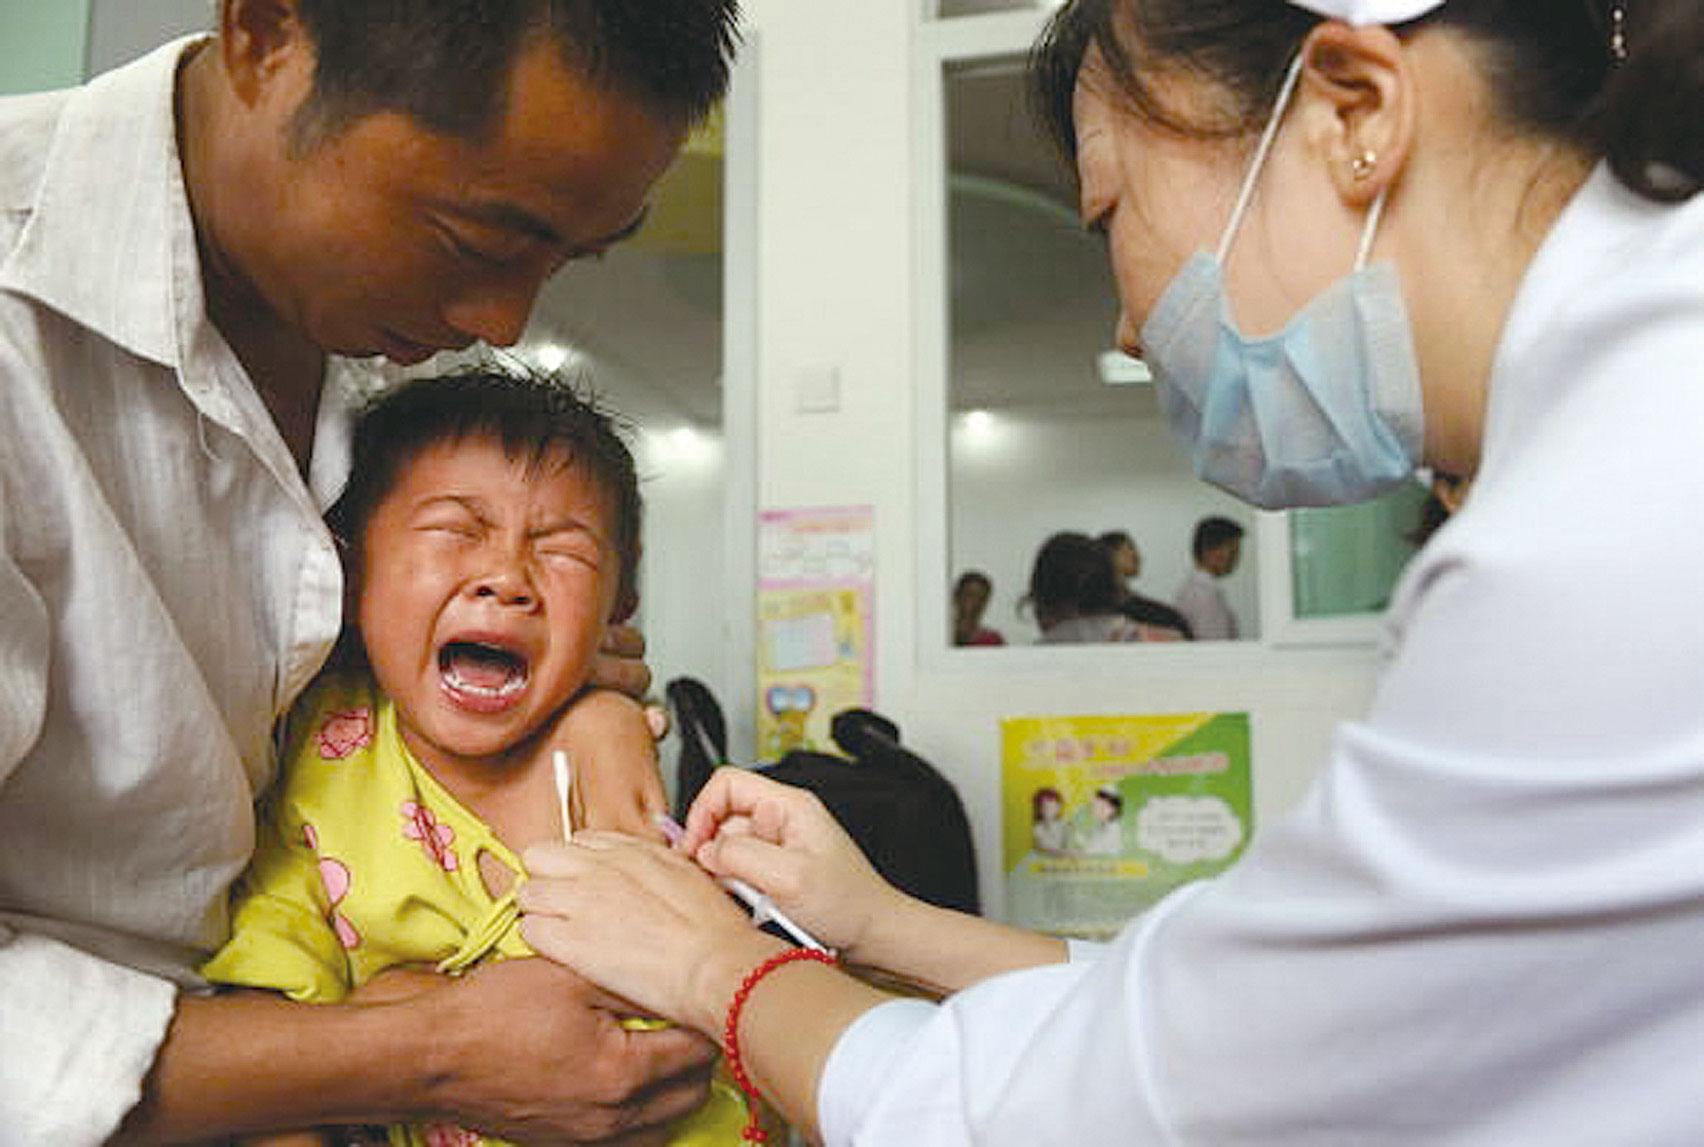 在此次疫苗風暴肆虐中,國內民眾面對中共的無道與枉法,表現出了極度的不信任與火山噴發式的憤慨。(STR/AFP/Getty Images)